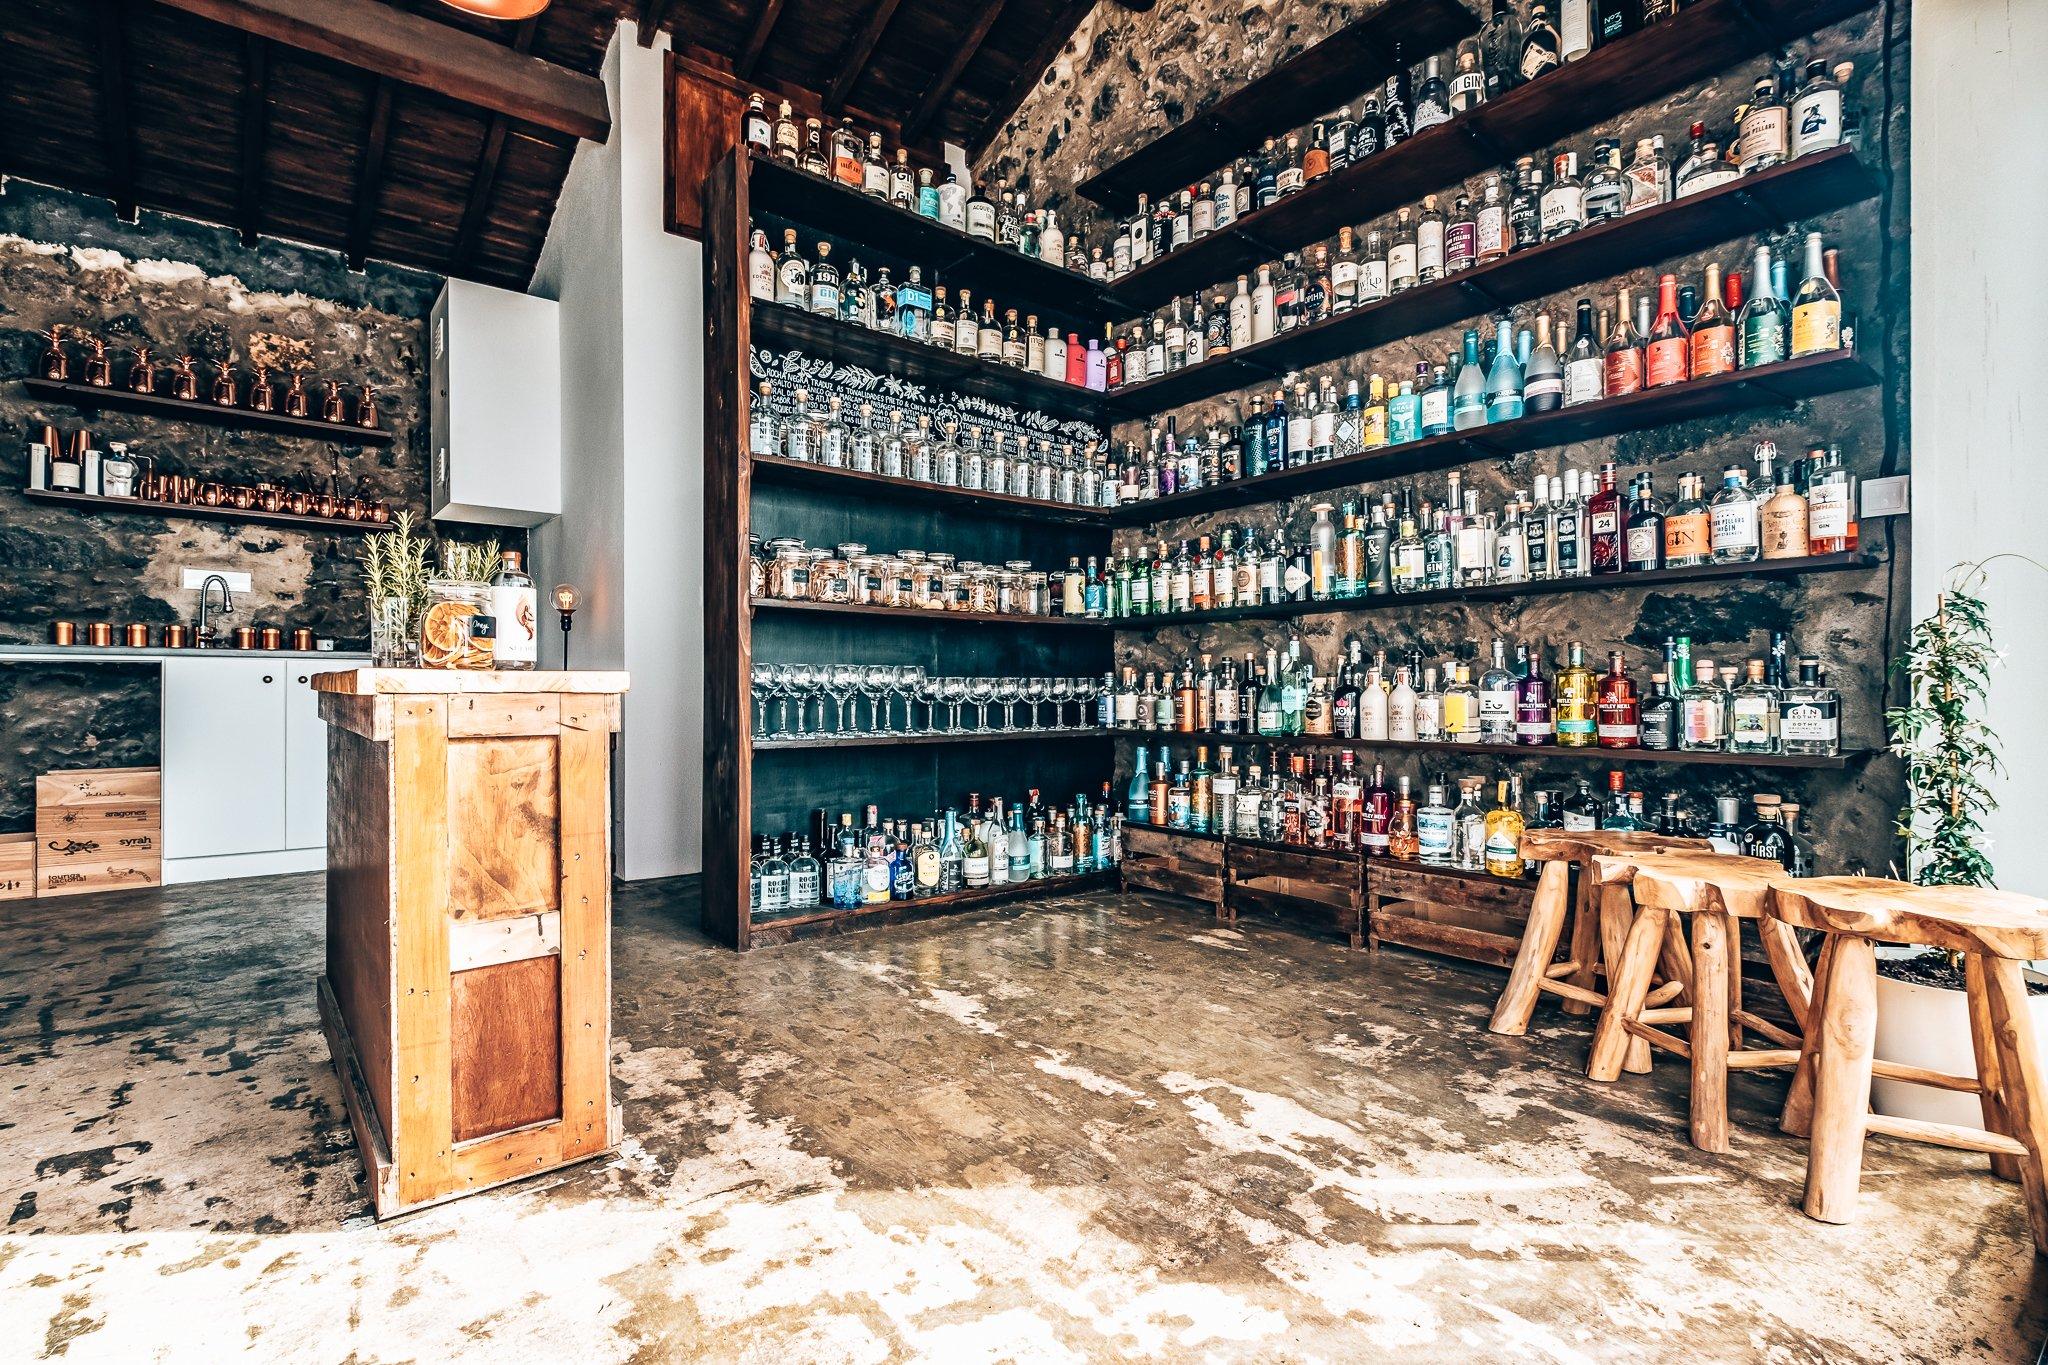 De privé gin collectie van Ali Bullock, The Gin Library, Azoren, Alles over gin.